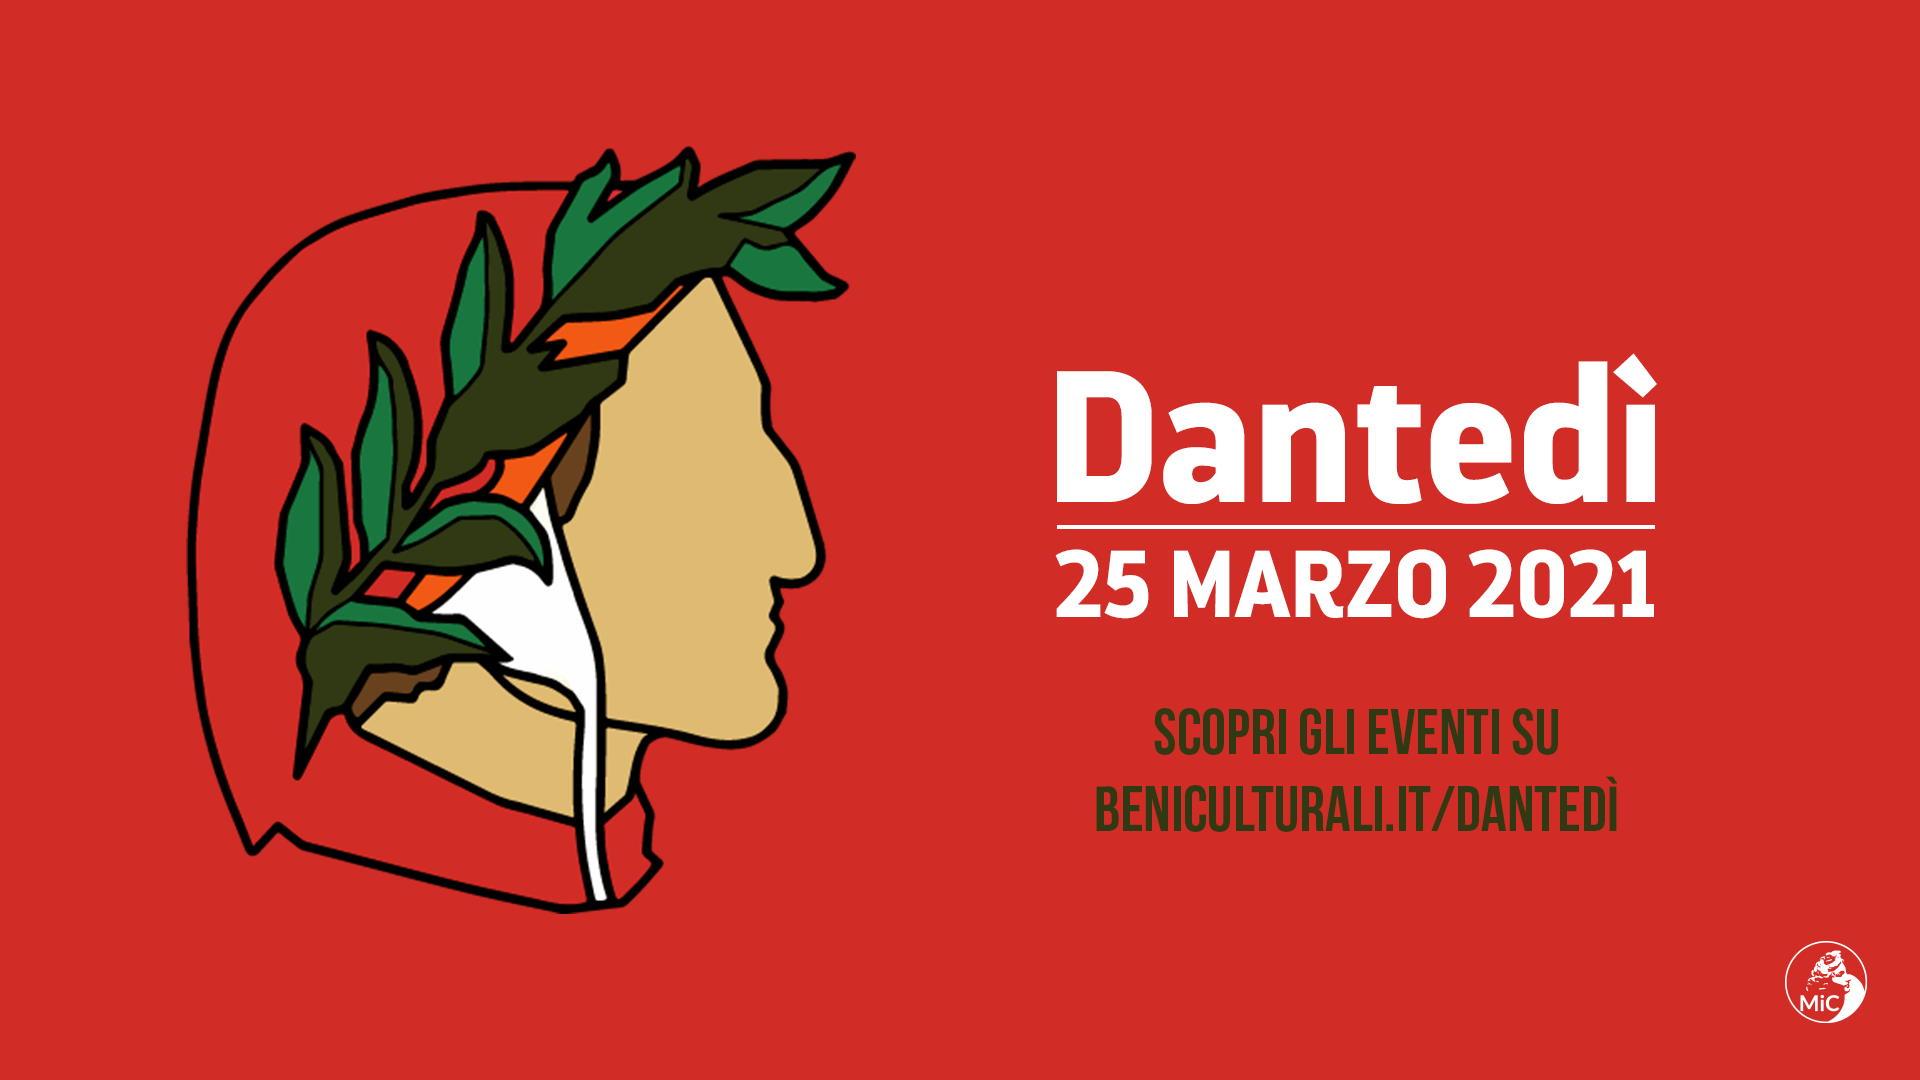 Decine gli eventi organizzati in tutta Italia per il Dantedì